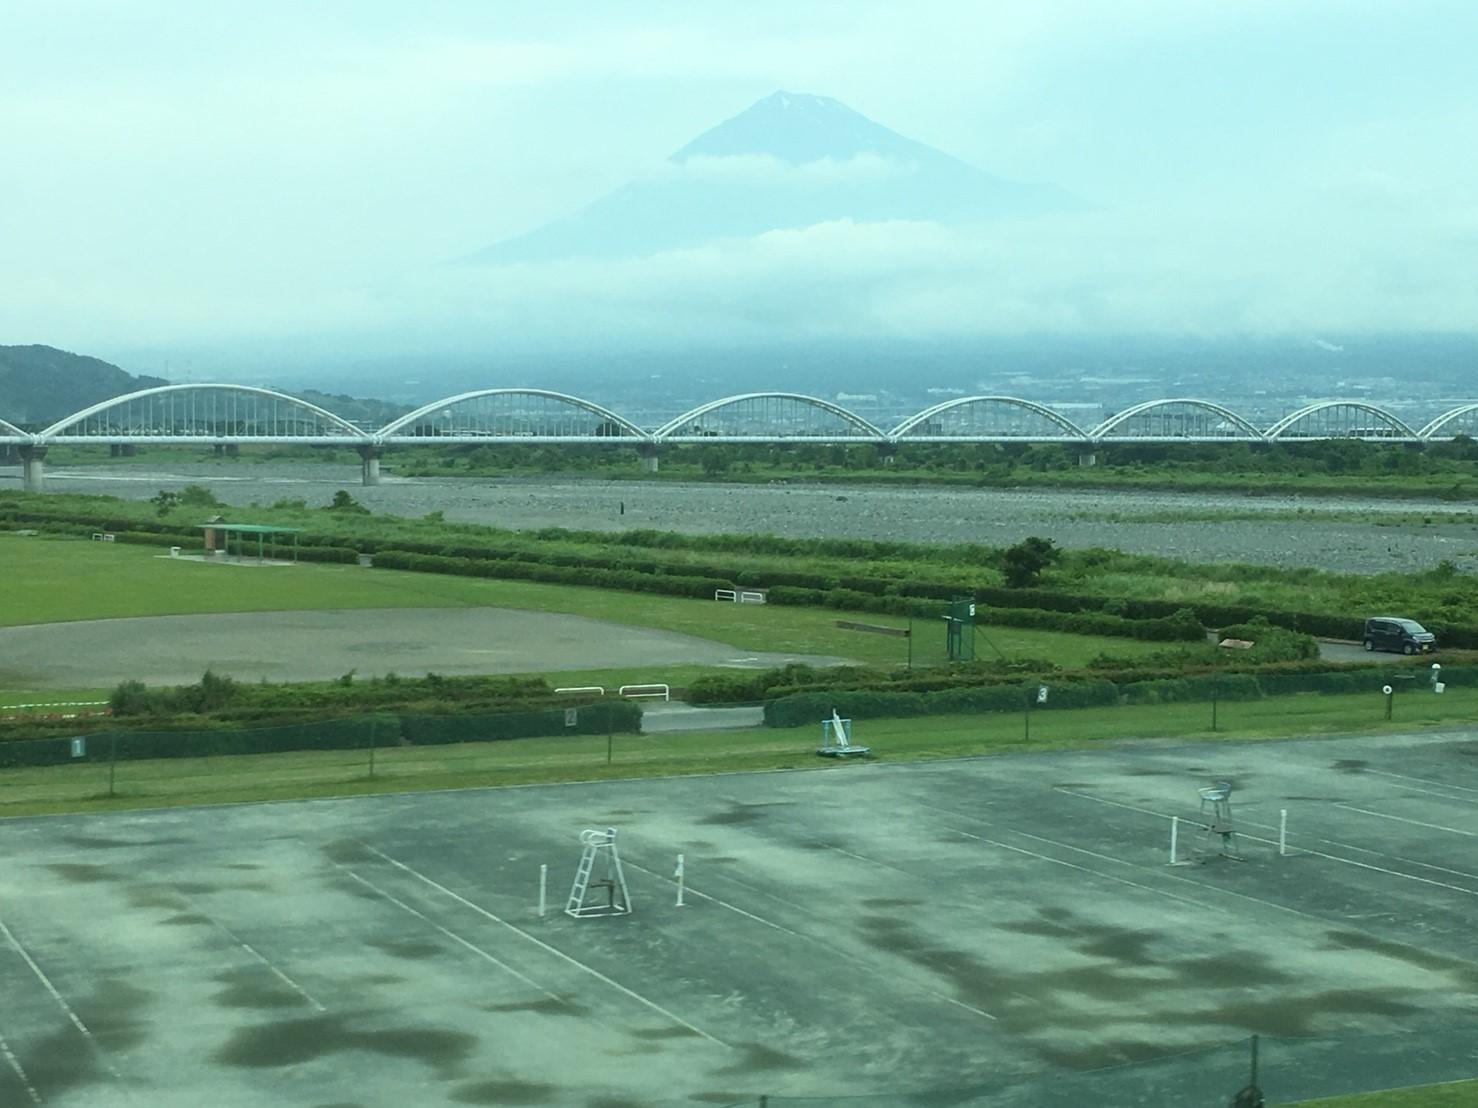 富士山ビューシリーズ 2018/5/29 今朝の新幹線からの富士山_b0011584_10014525.jpg